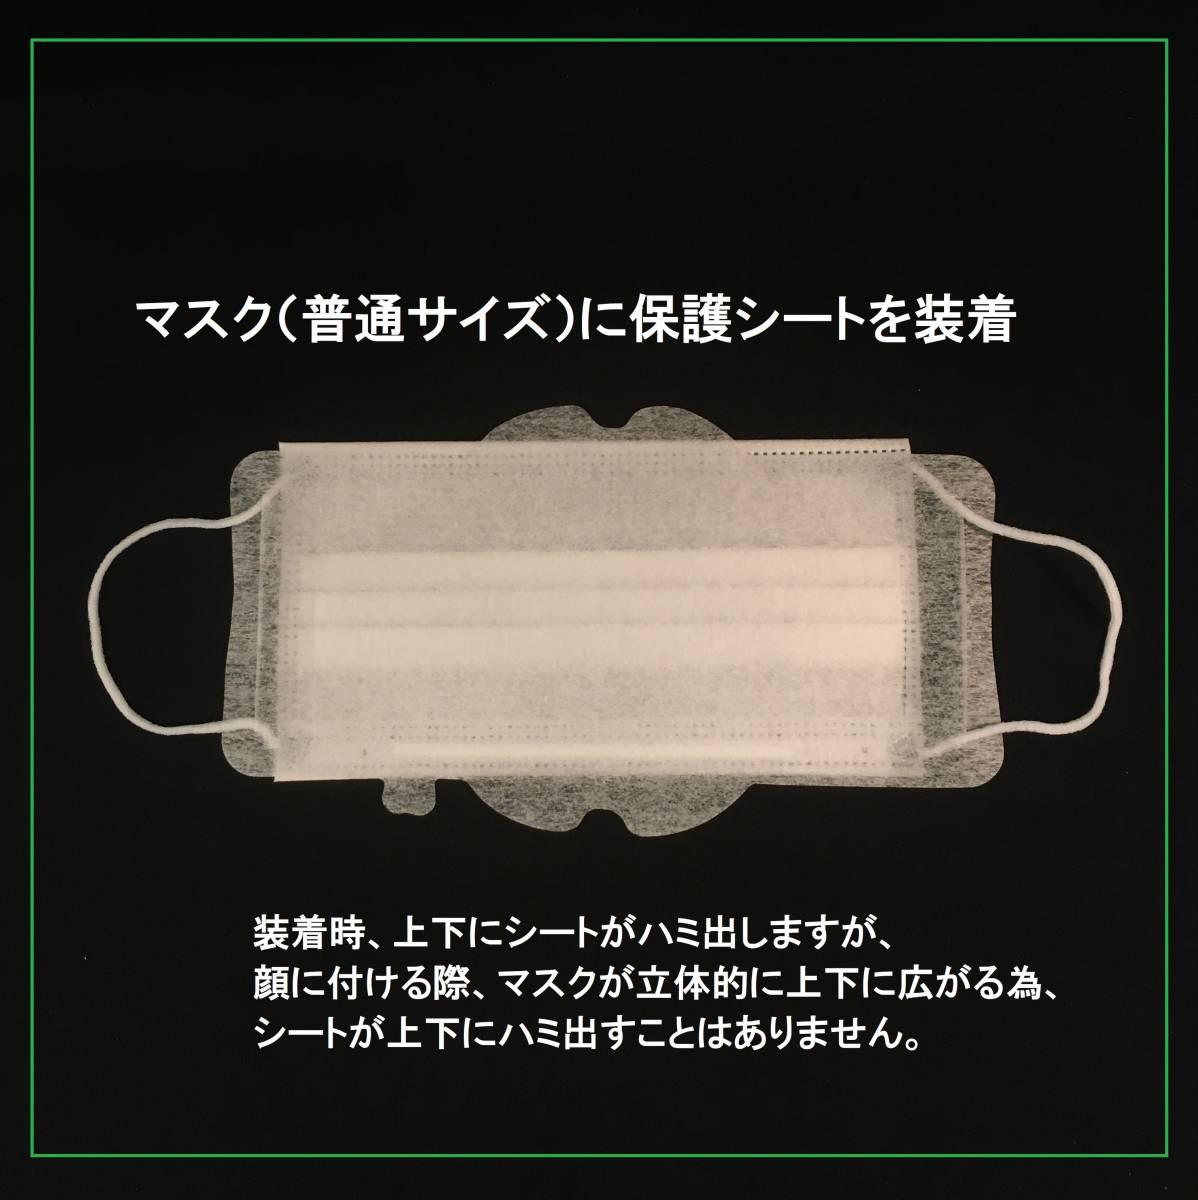 マスク システム ポリマー